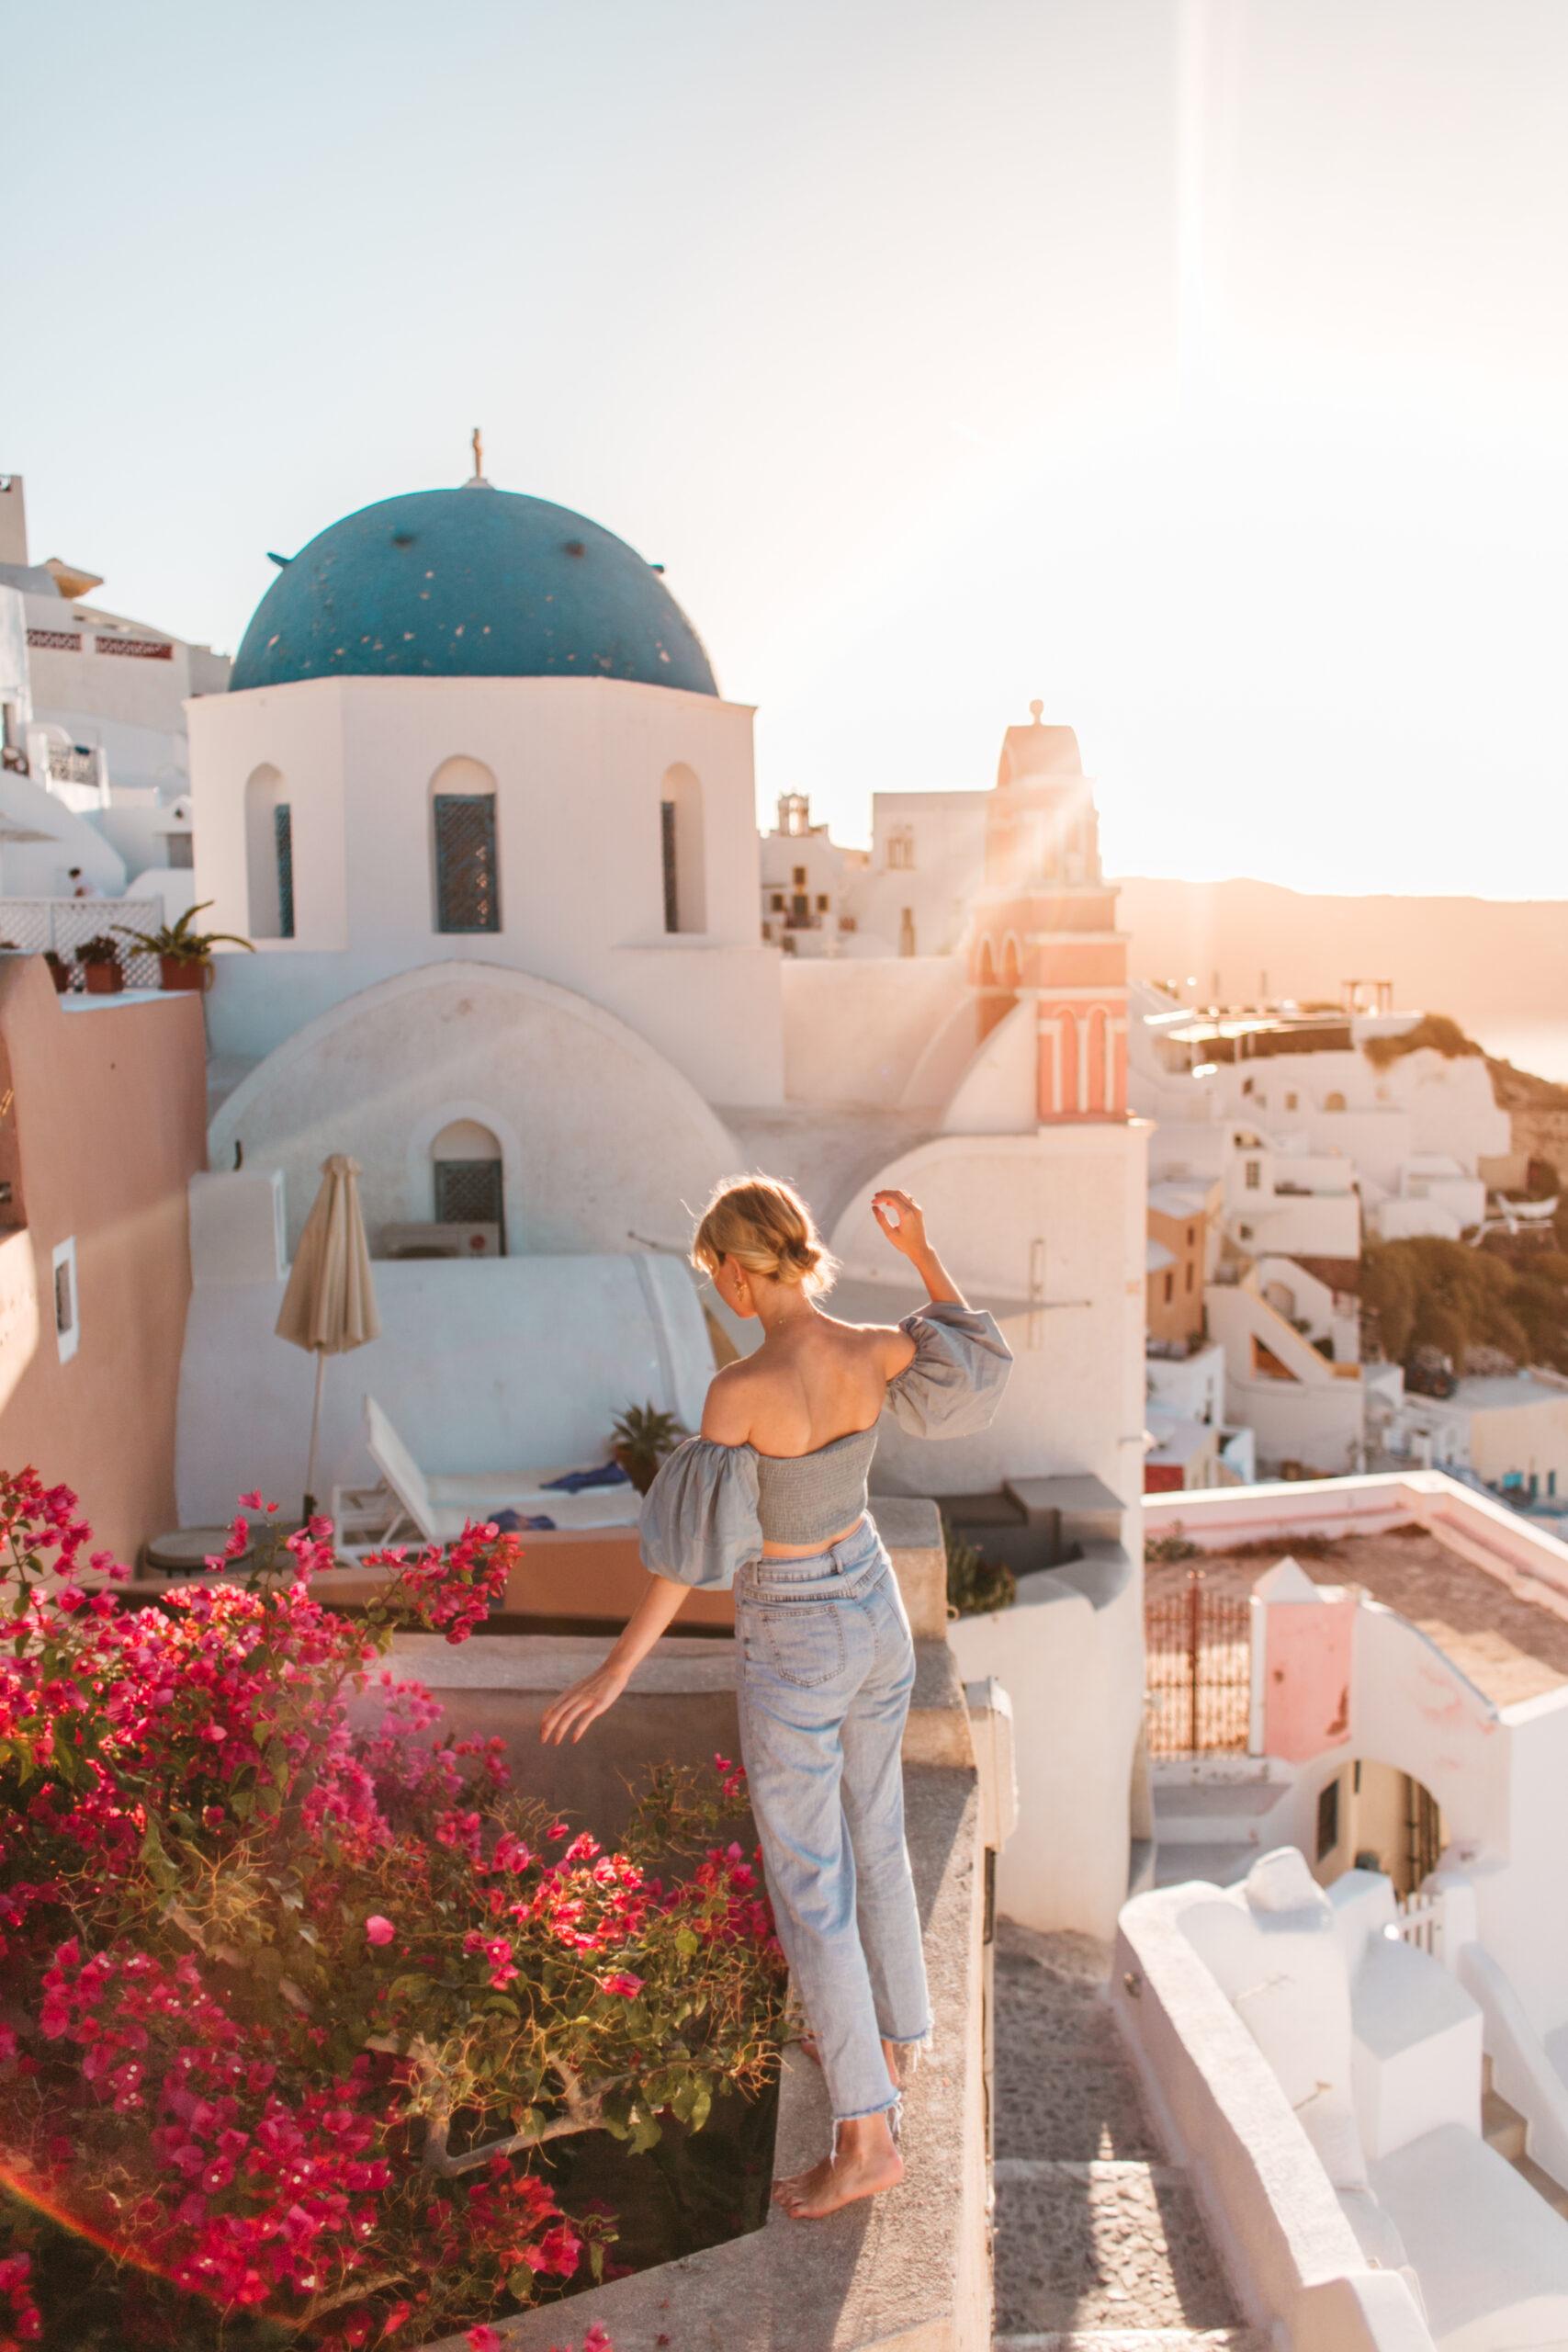 Poranek w Oia Santorini, uliczka, schody, blog podrozniczy co zobaczyc